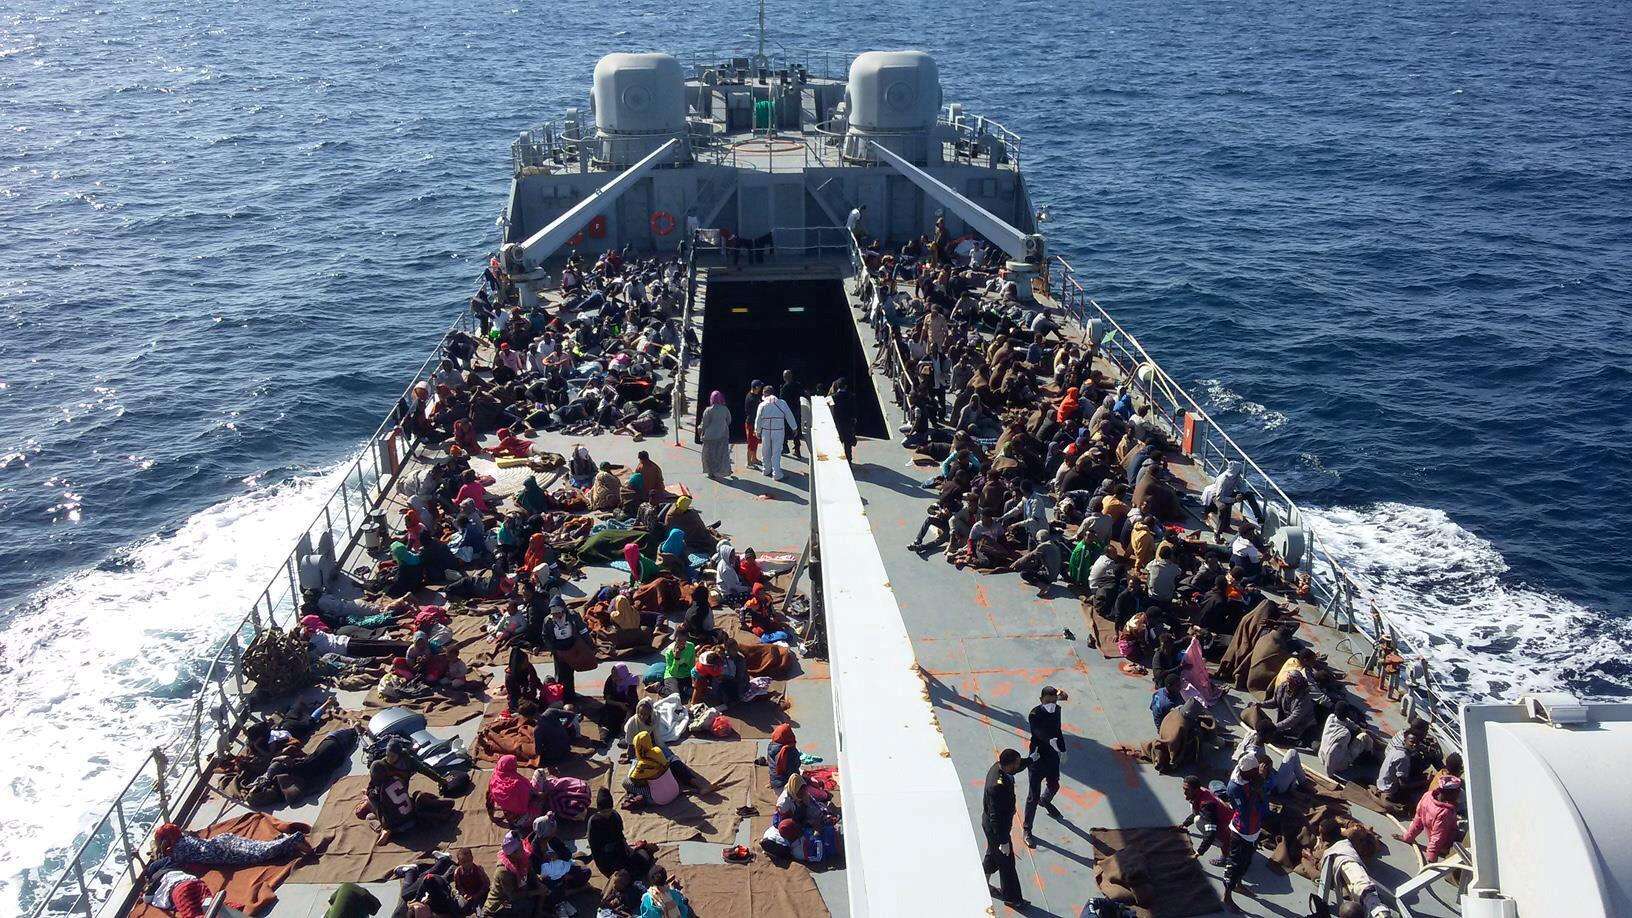 Di dân được đưa đến một căn cứ Hải Quân sau khi được hải cảnh Libya tại Tripoli cứu vớt, ngày 24/11/2017.